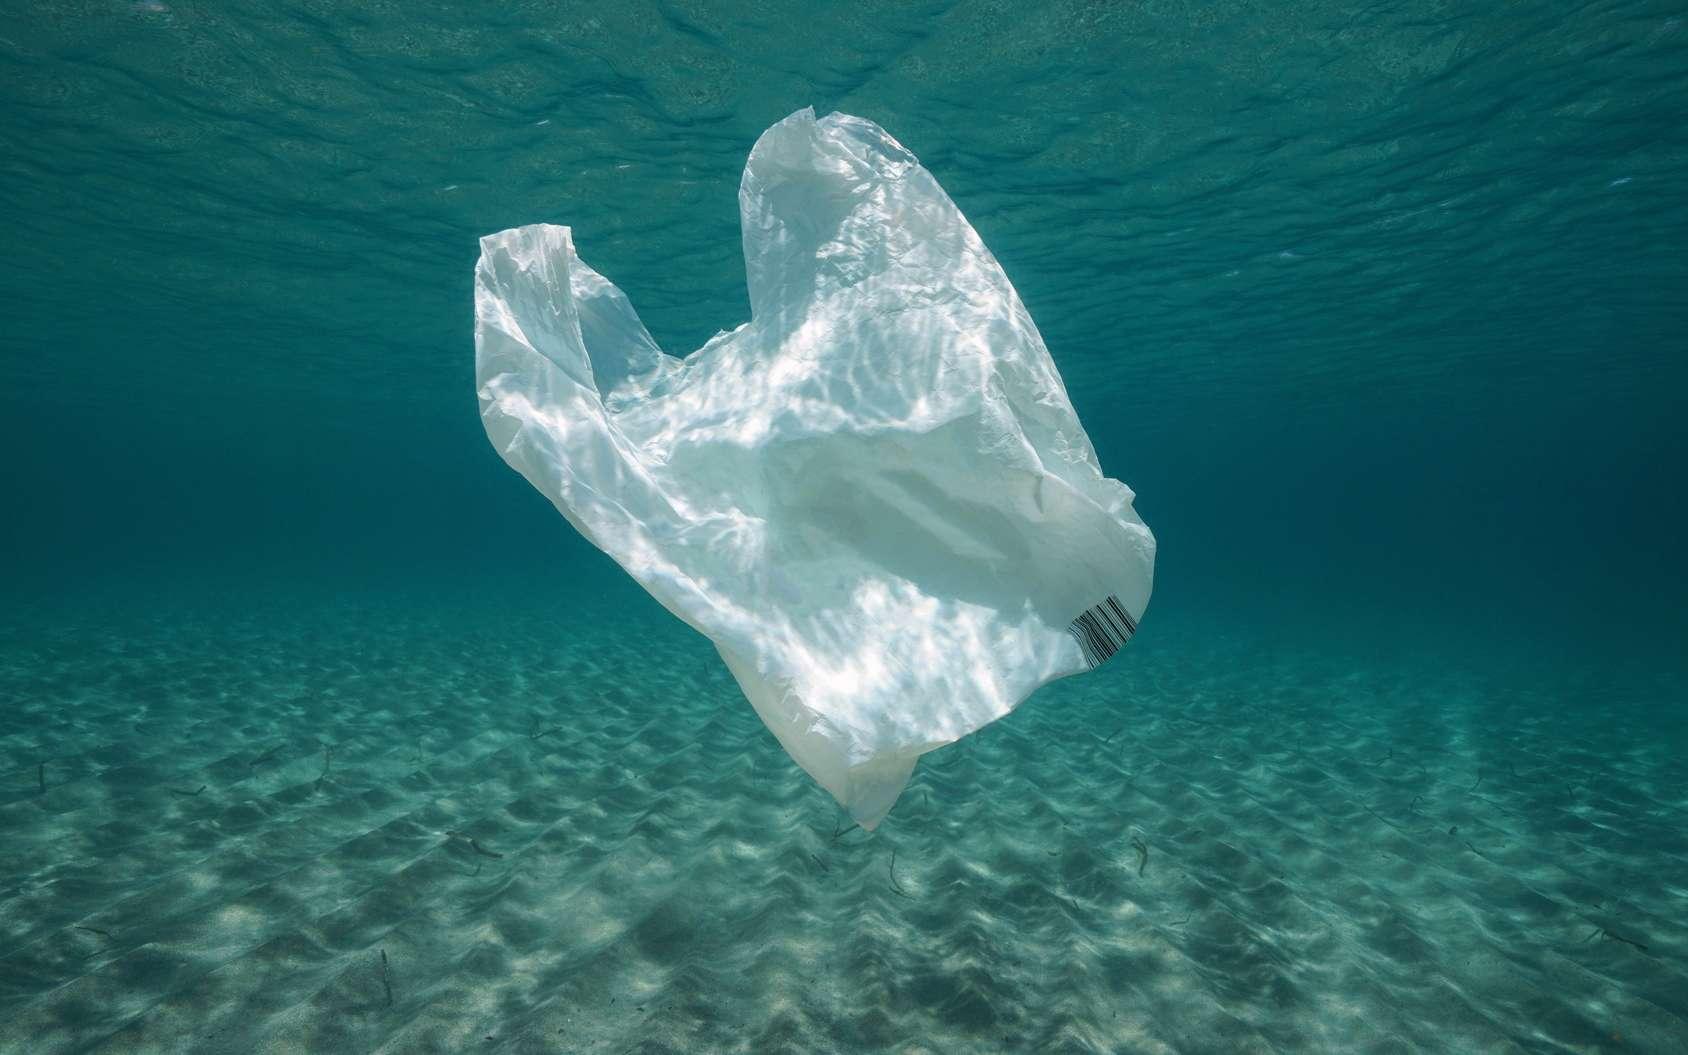 Un sac plastique biodégradable à partir de calcaire qui se dissout dans l'eau. © damedias - Fotolia.com